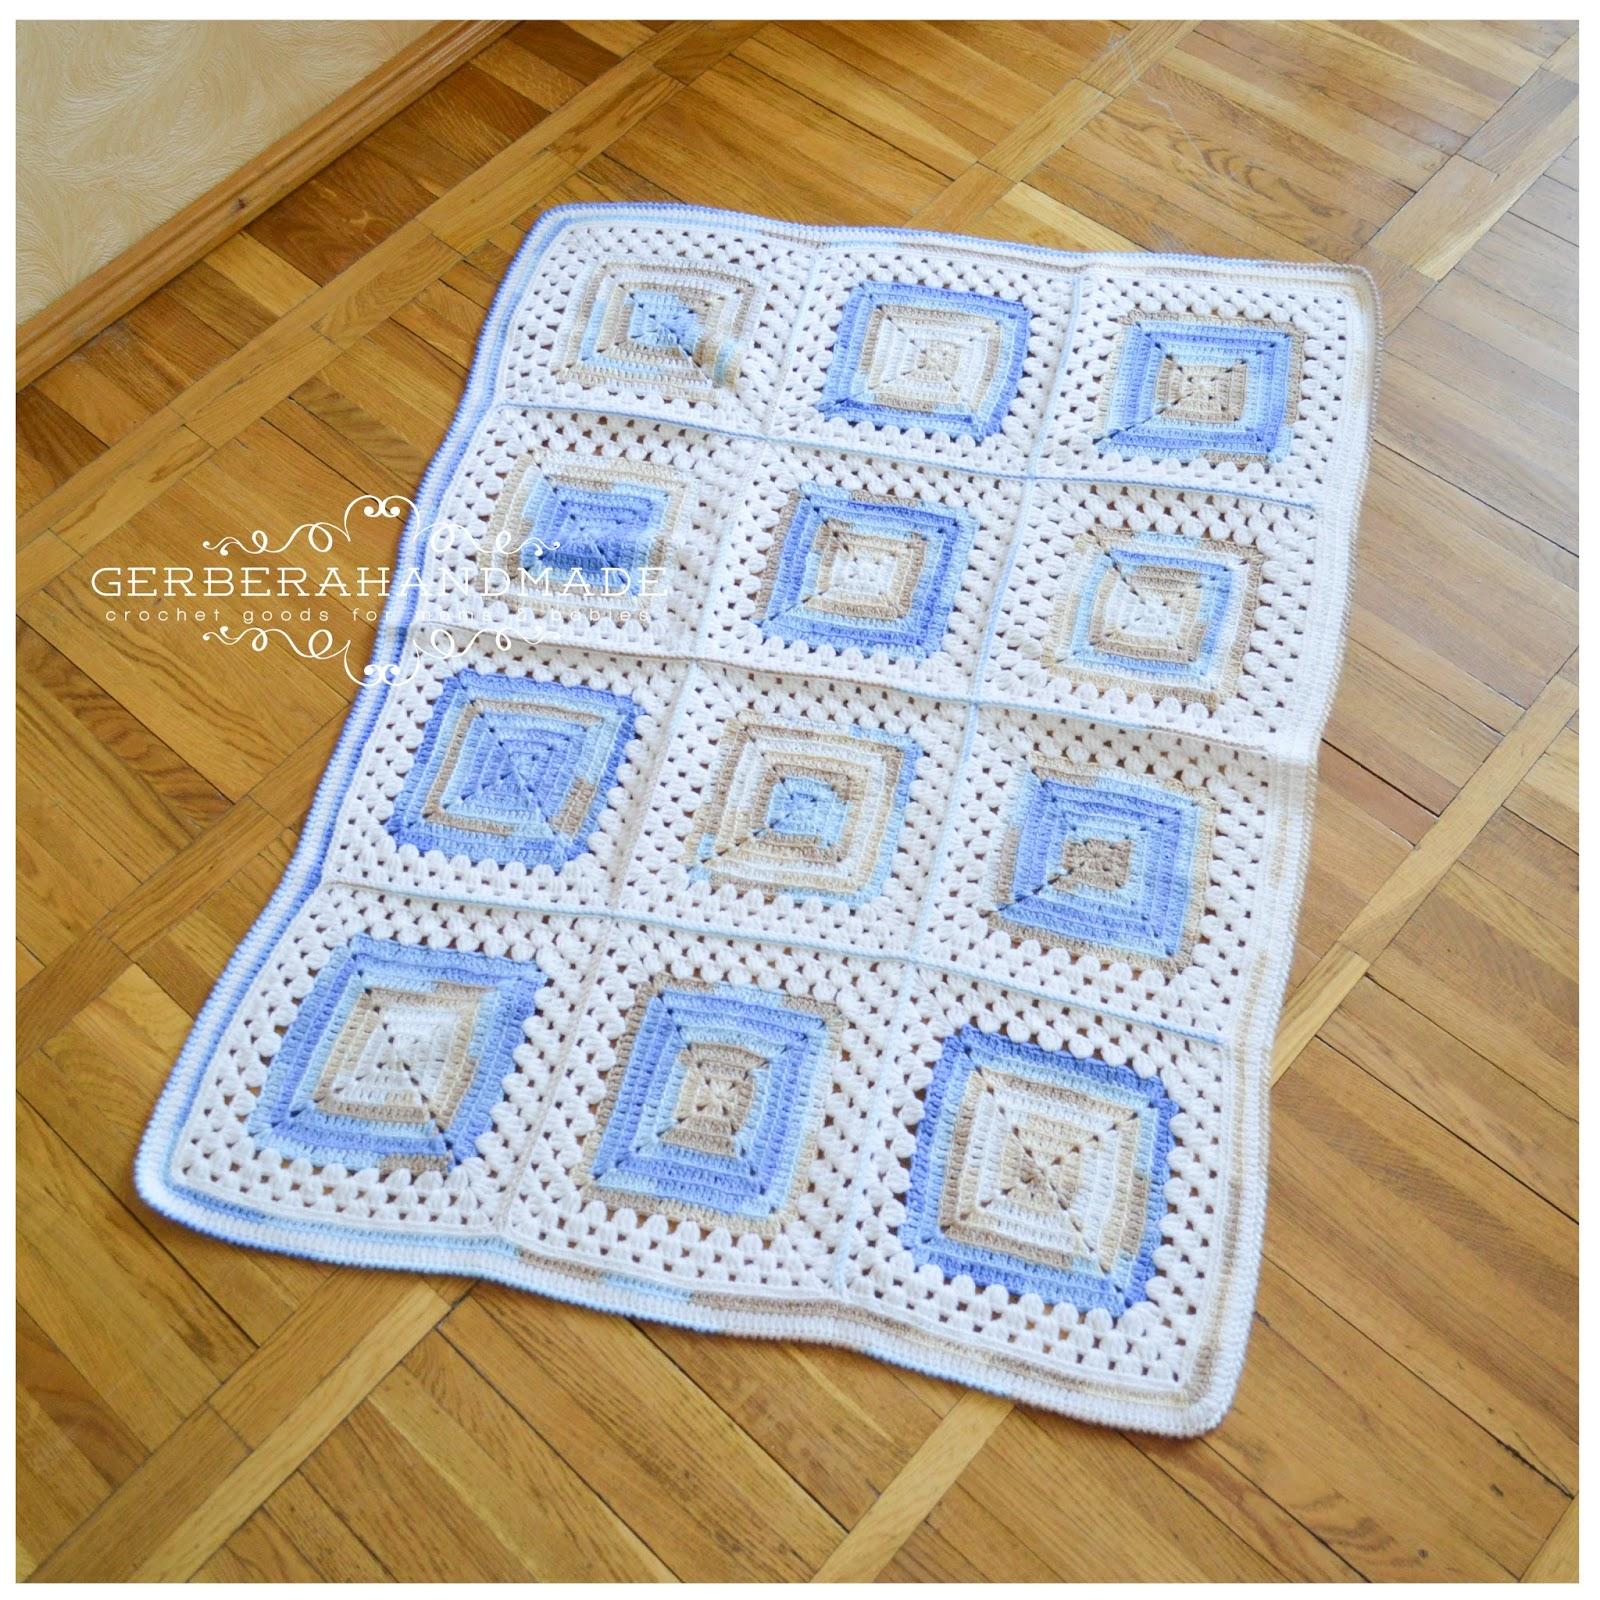 newborn blanket, blanket love, babywearing, плед, плед для новорожденного, плед на выписку, подарок малышу, детский плед, вязаный плед, купить плед, ажурный плед, плед купить, crochet blanket, knitting blanket